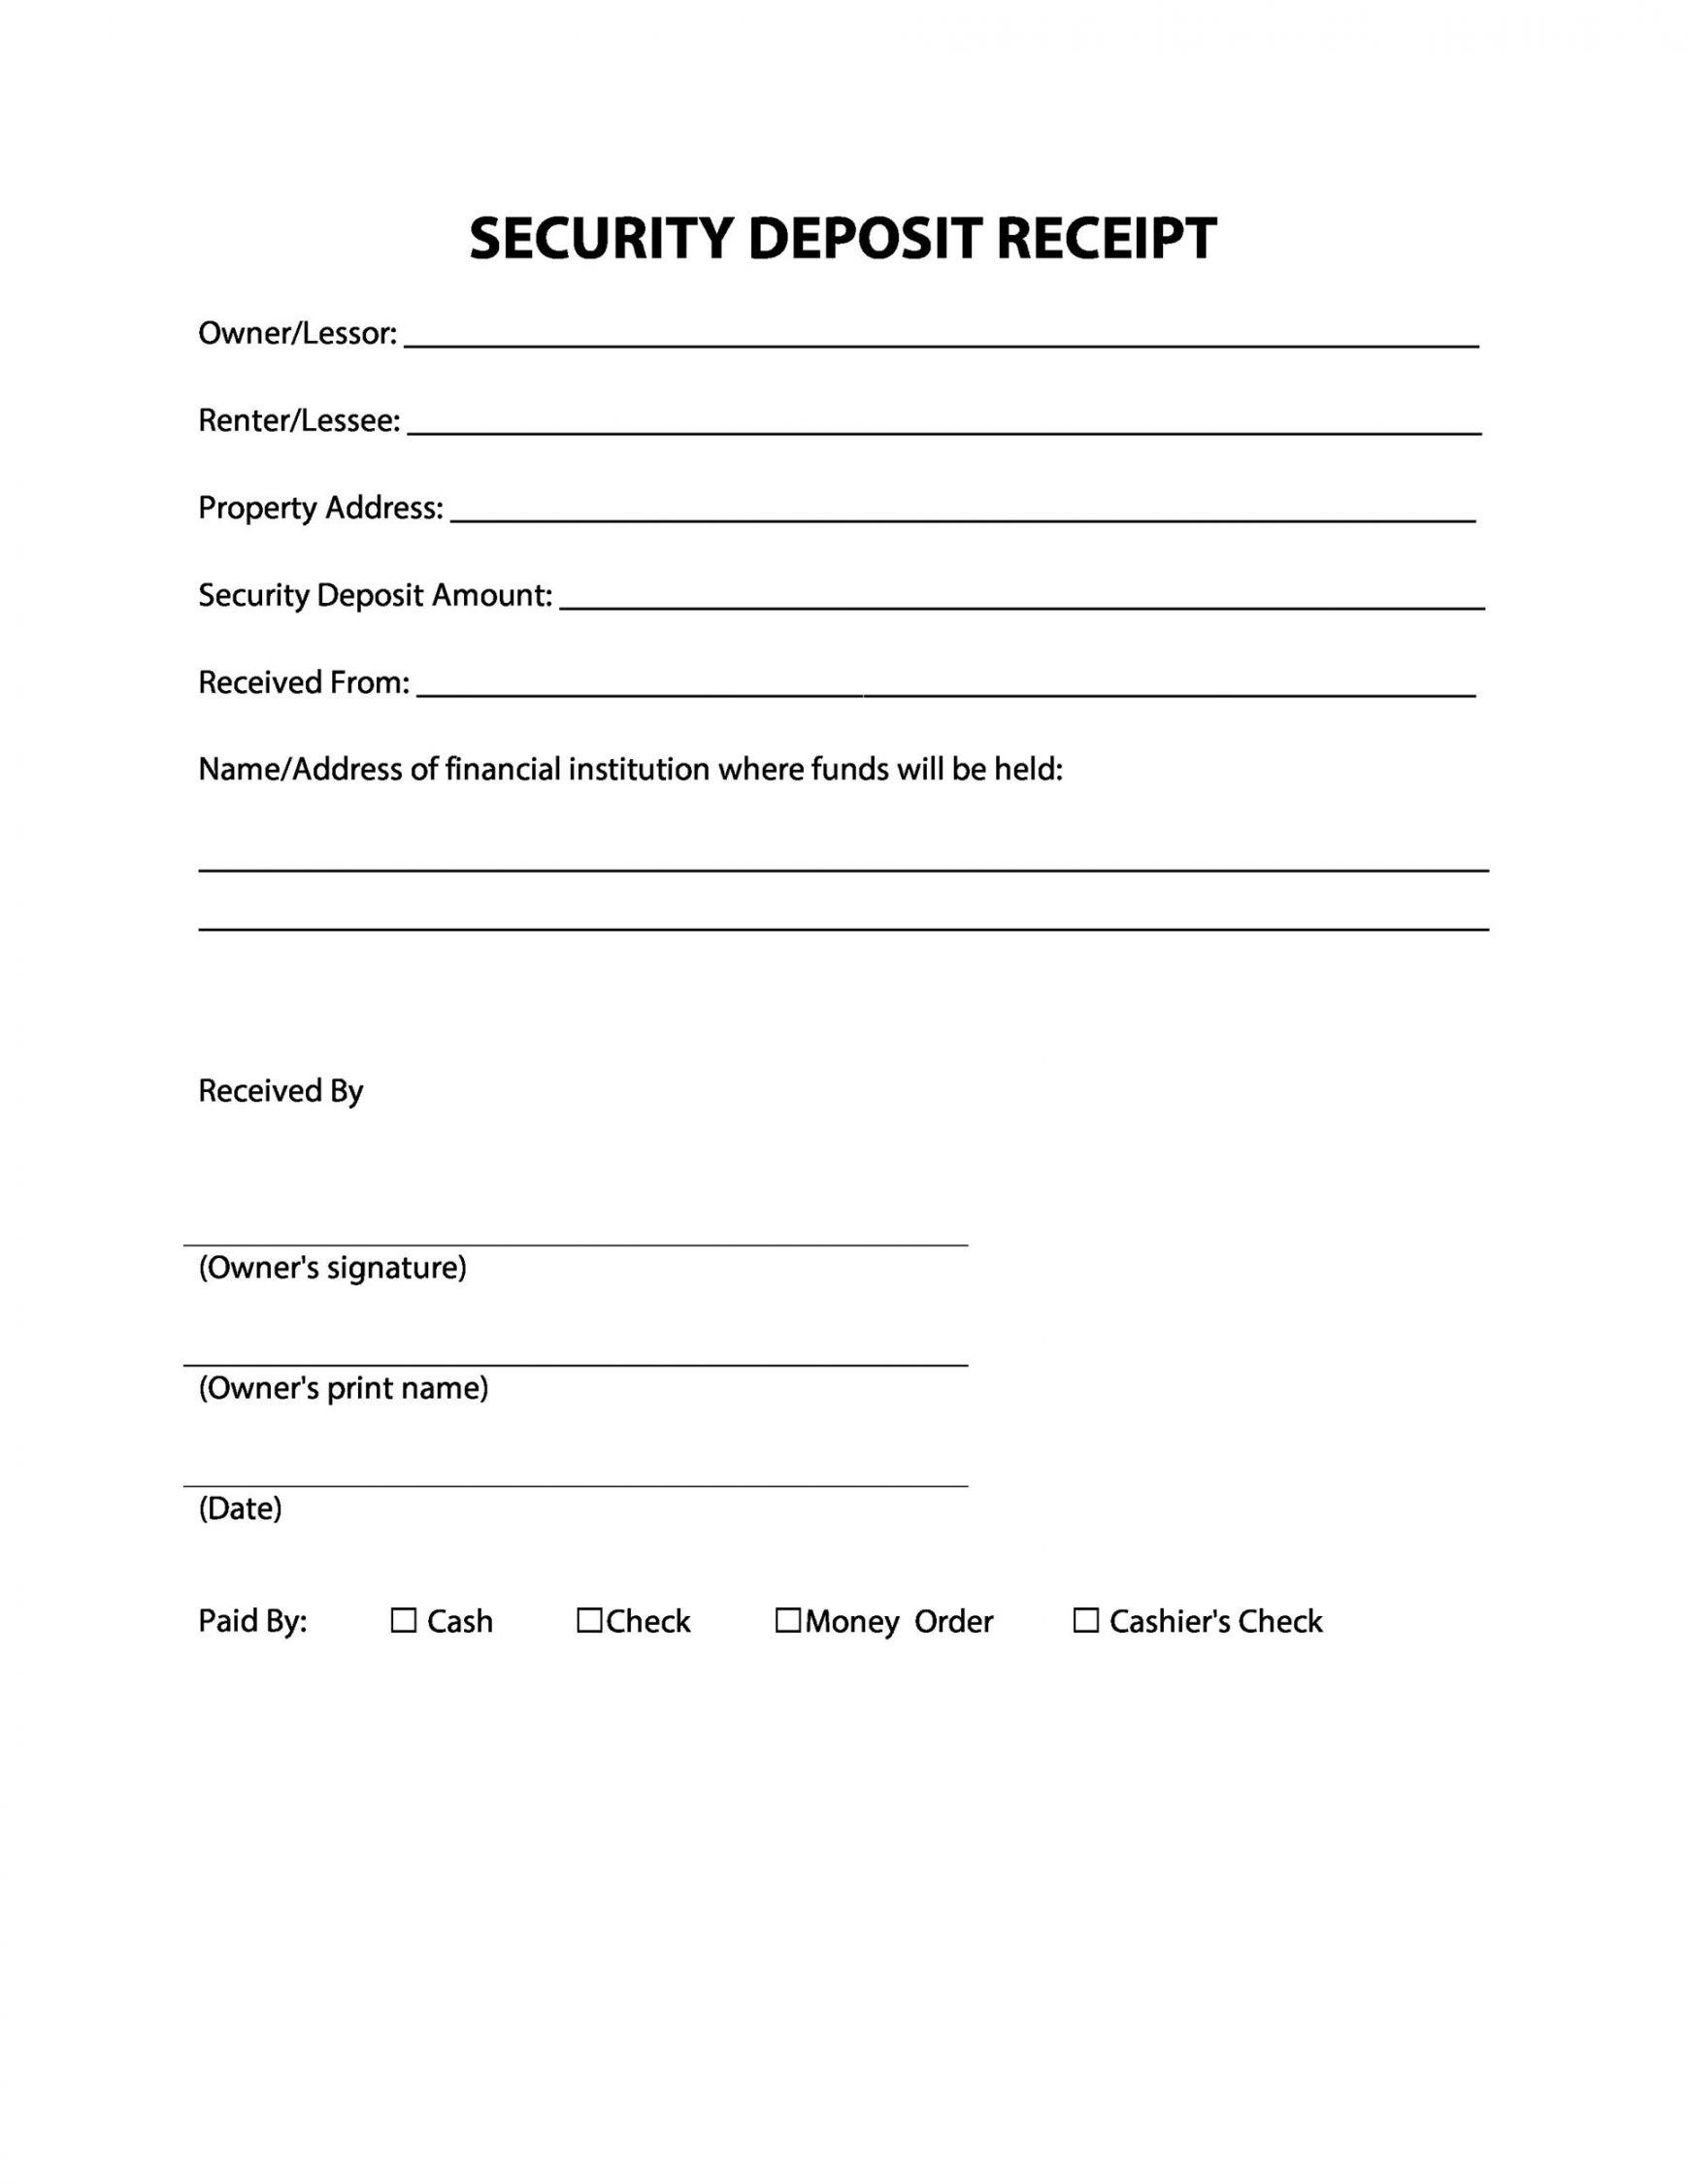 Get Our Printable Cash Deposit Receipt Template Receipt Template Receipt Templates